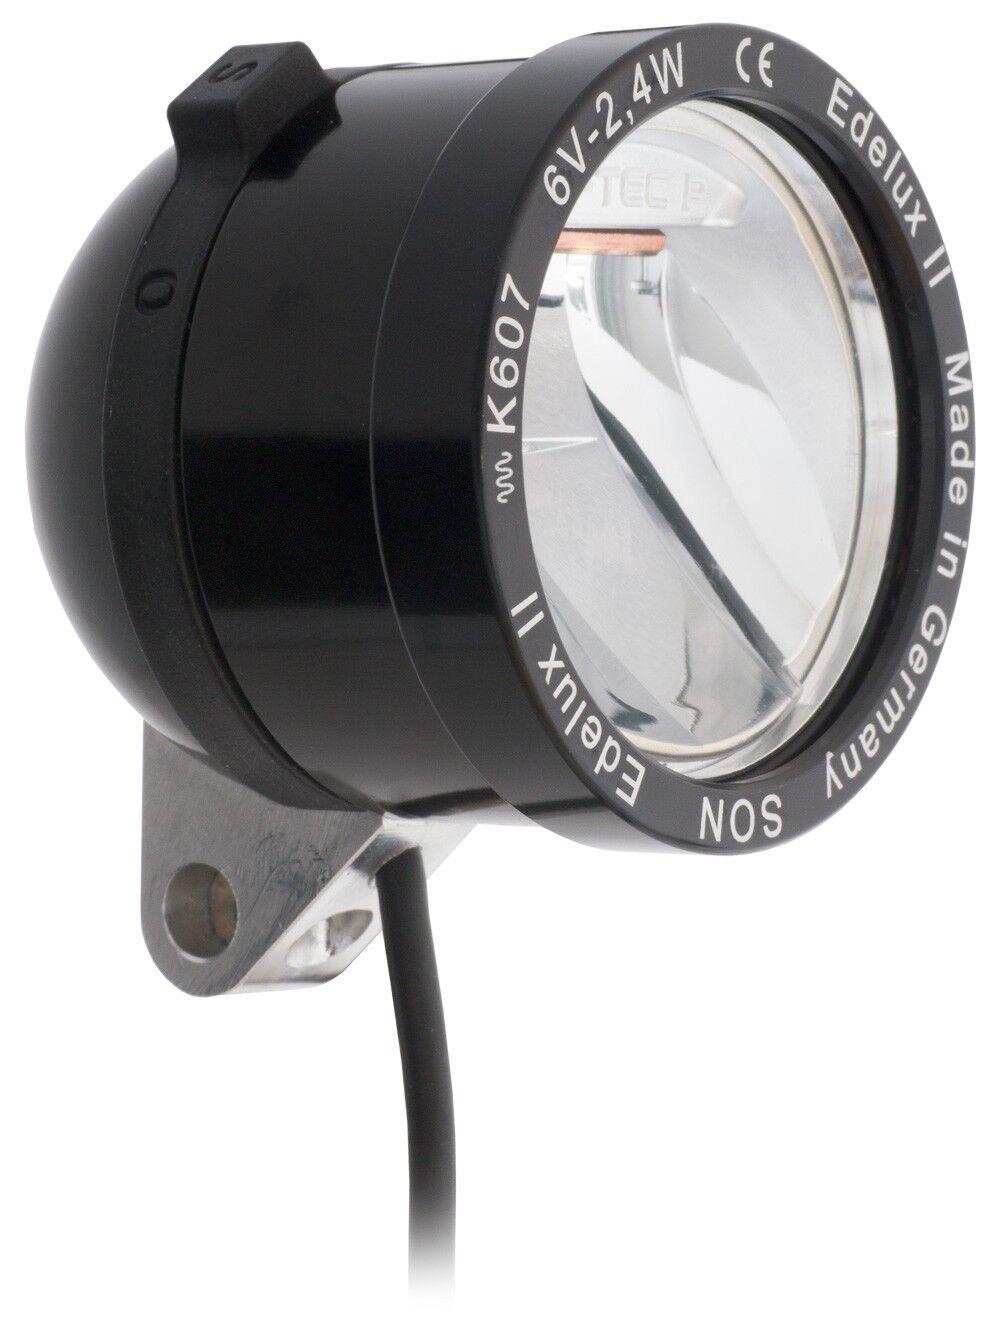 LED  Scheinwerfer SON Edelux II black mit 60 cm Kabel anschlussfertig  online fashion shopping